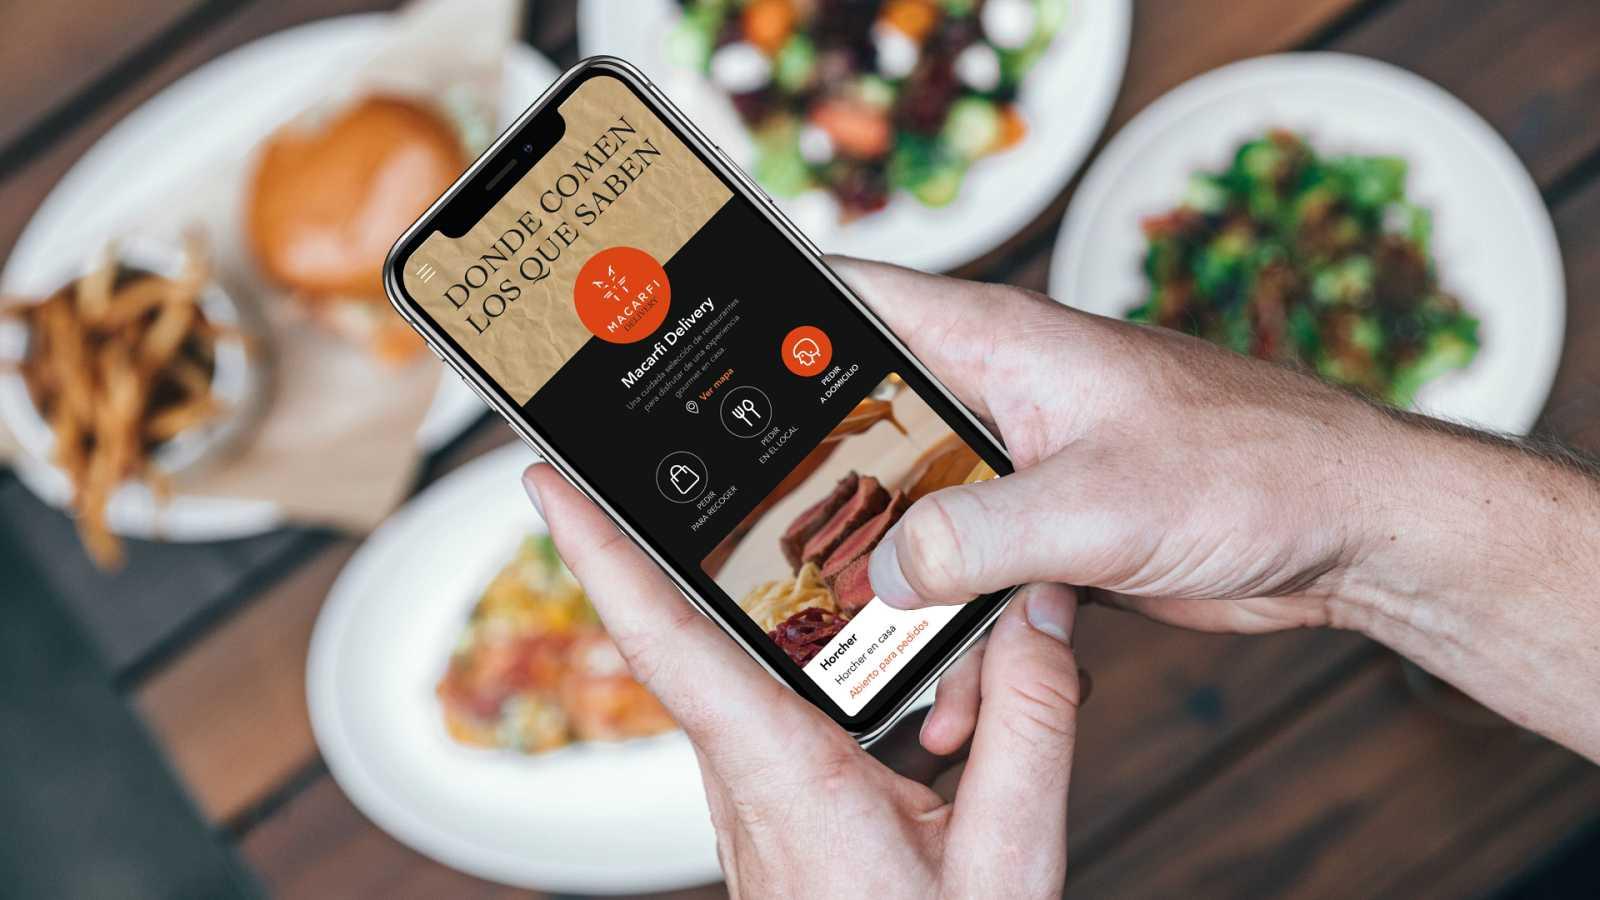 Degustar España - De la huerta y de la cocina, a la casa - 13/06/20 - Escuchar ahora